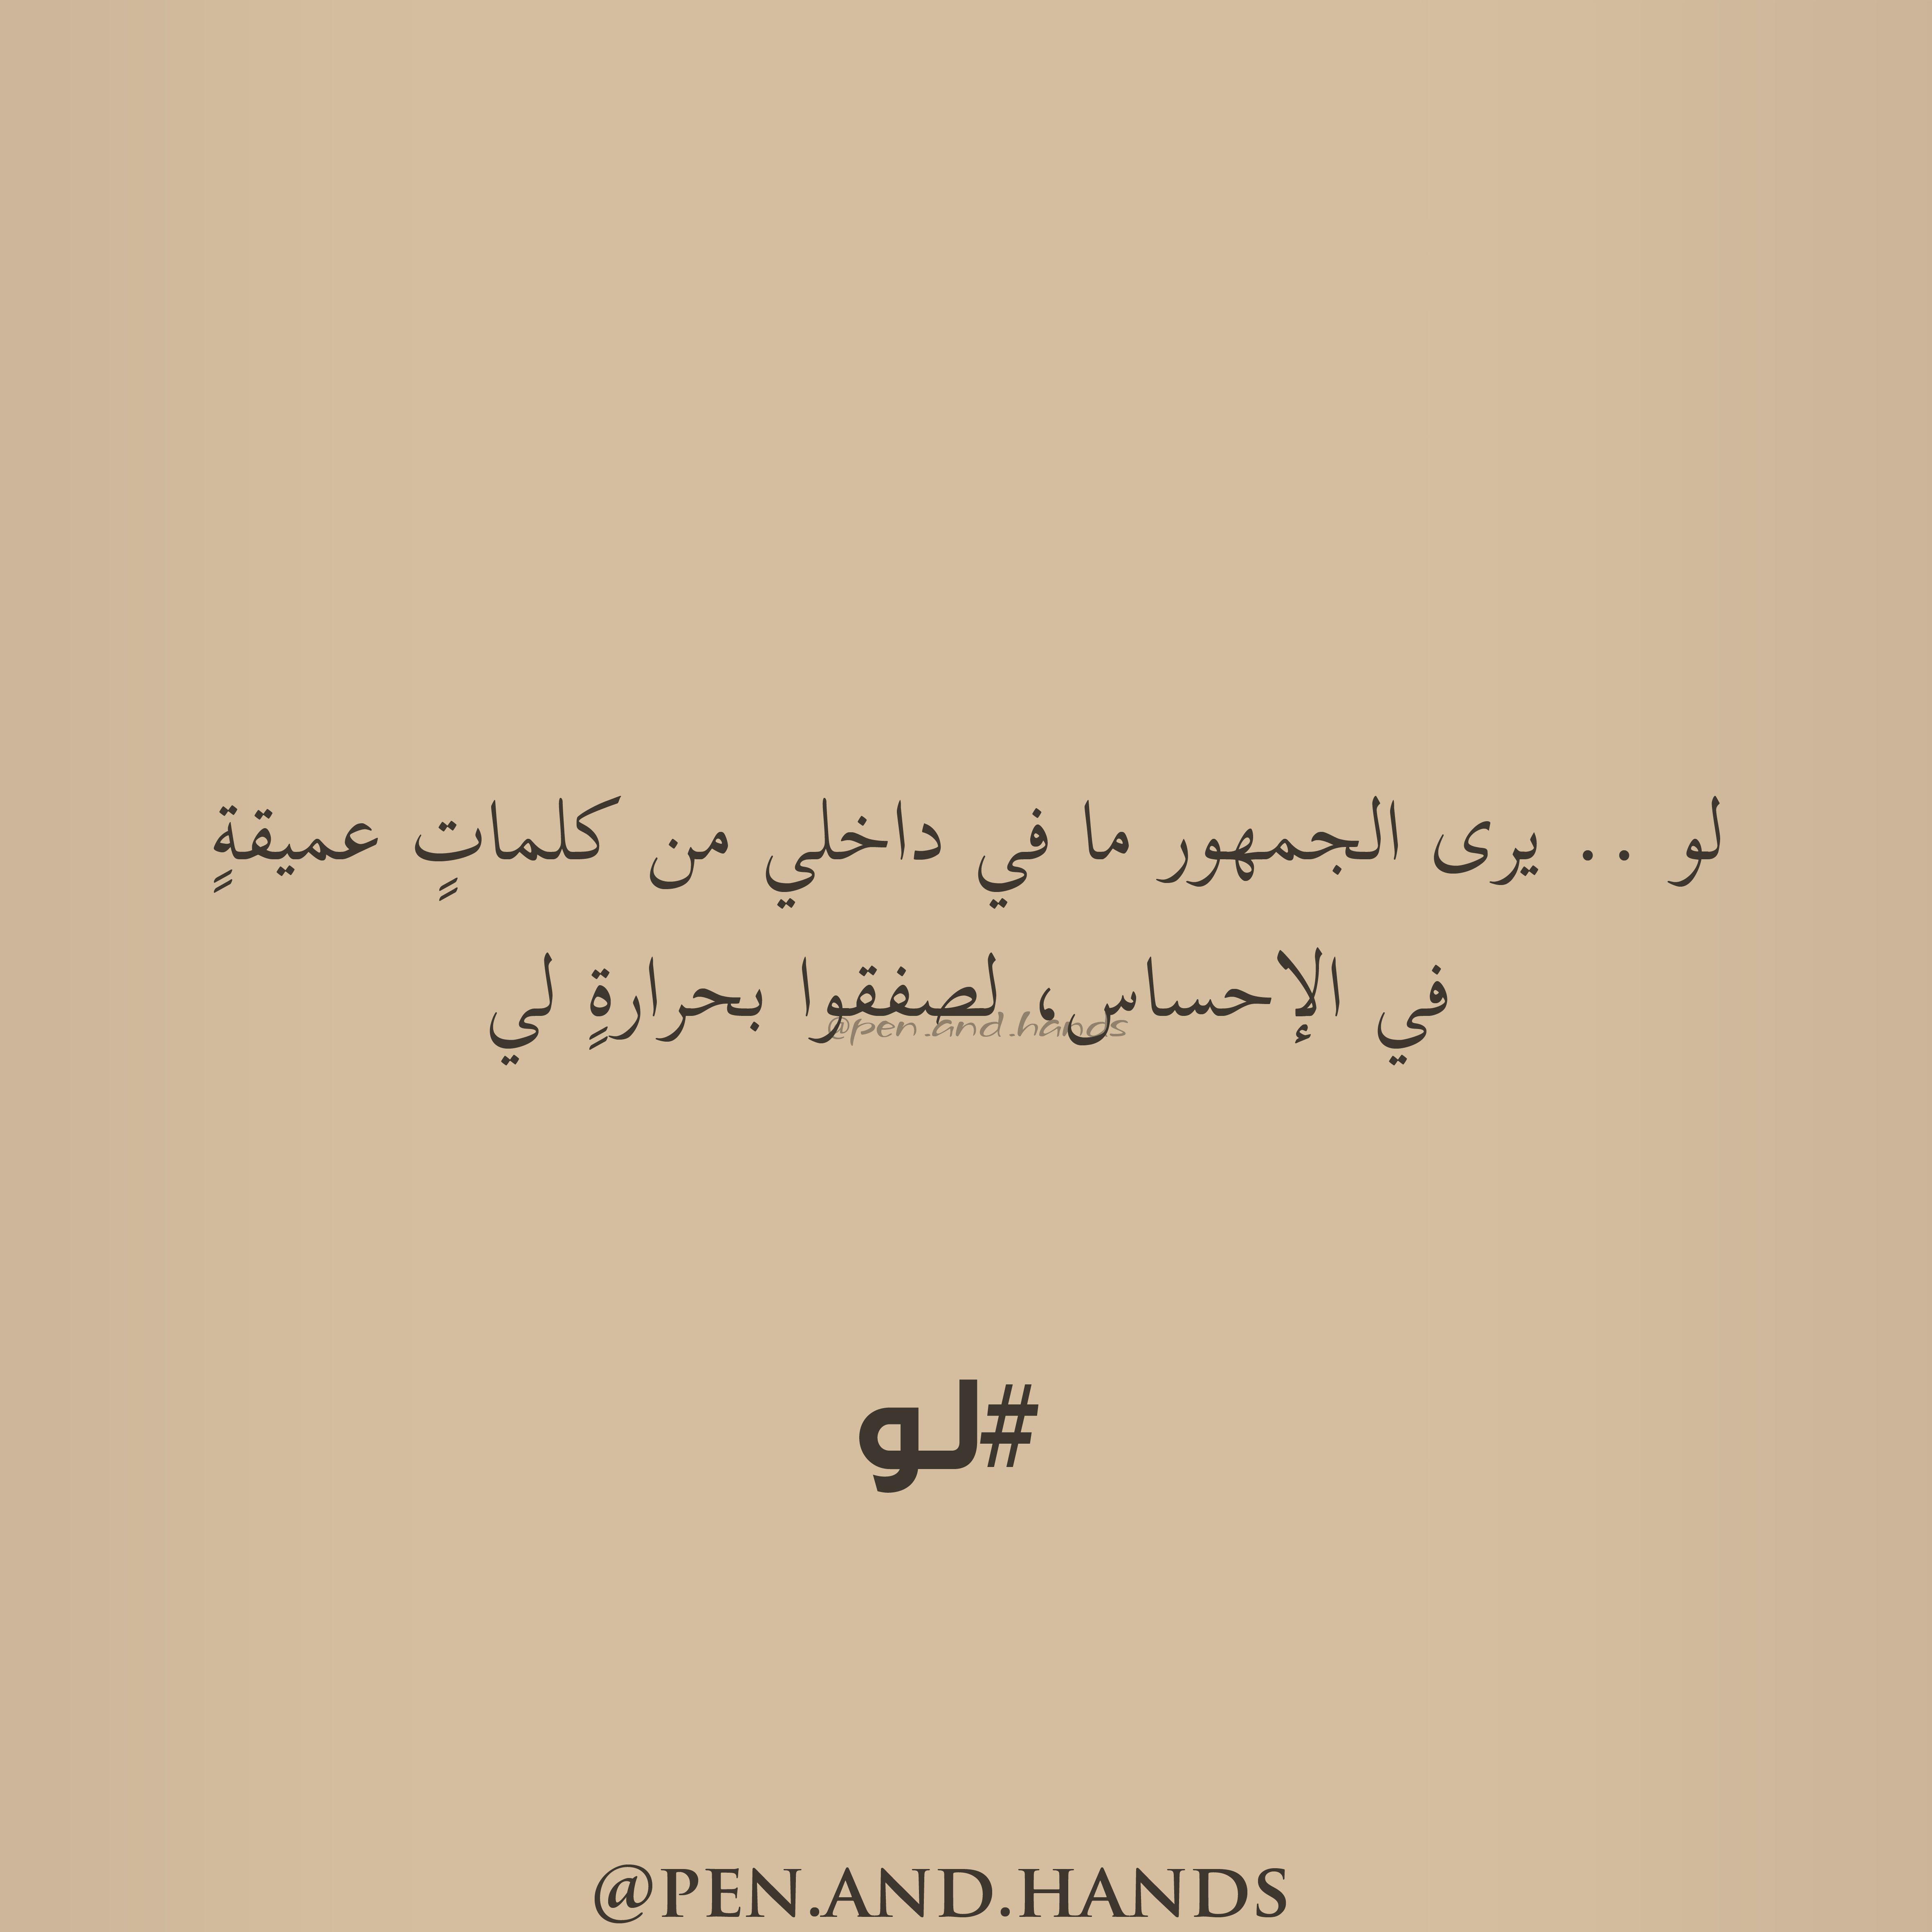 لو يرى الجمهور ما في داخلي من كلمات عميقة في الإحساس لصفقوا بحرارة لي لو Arabic Calligraphy Calligraphy Arabic